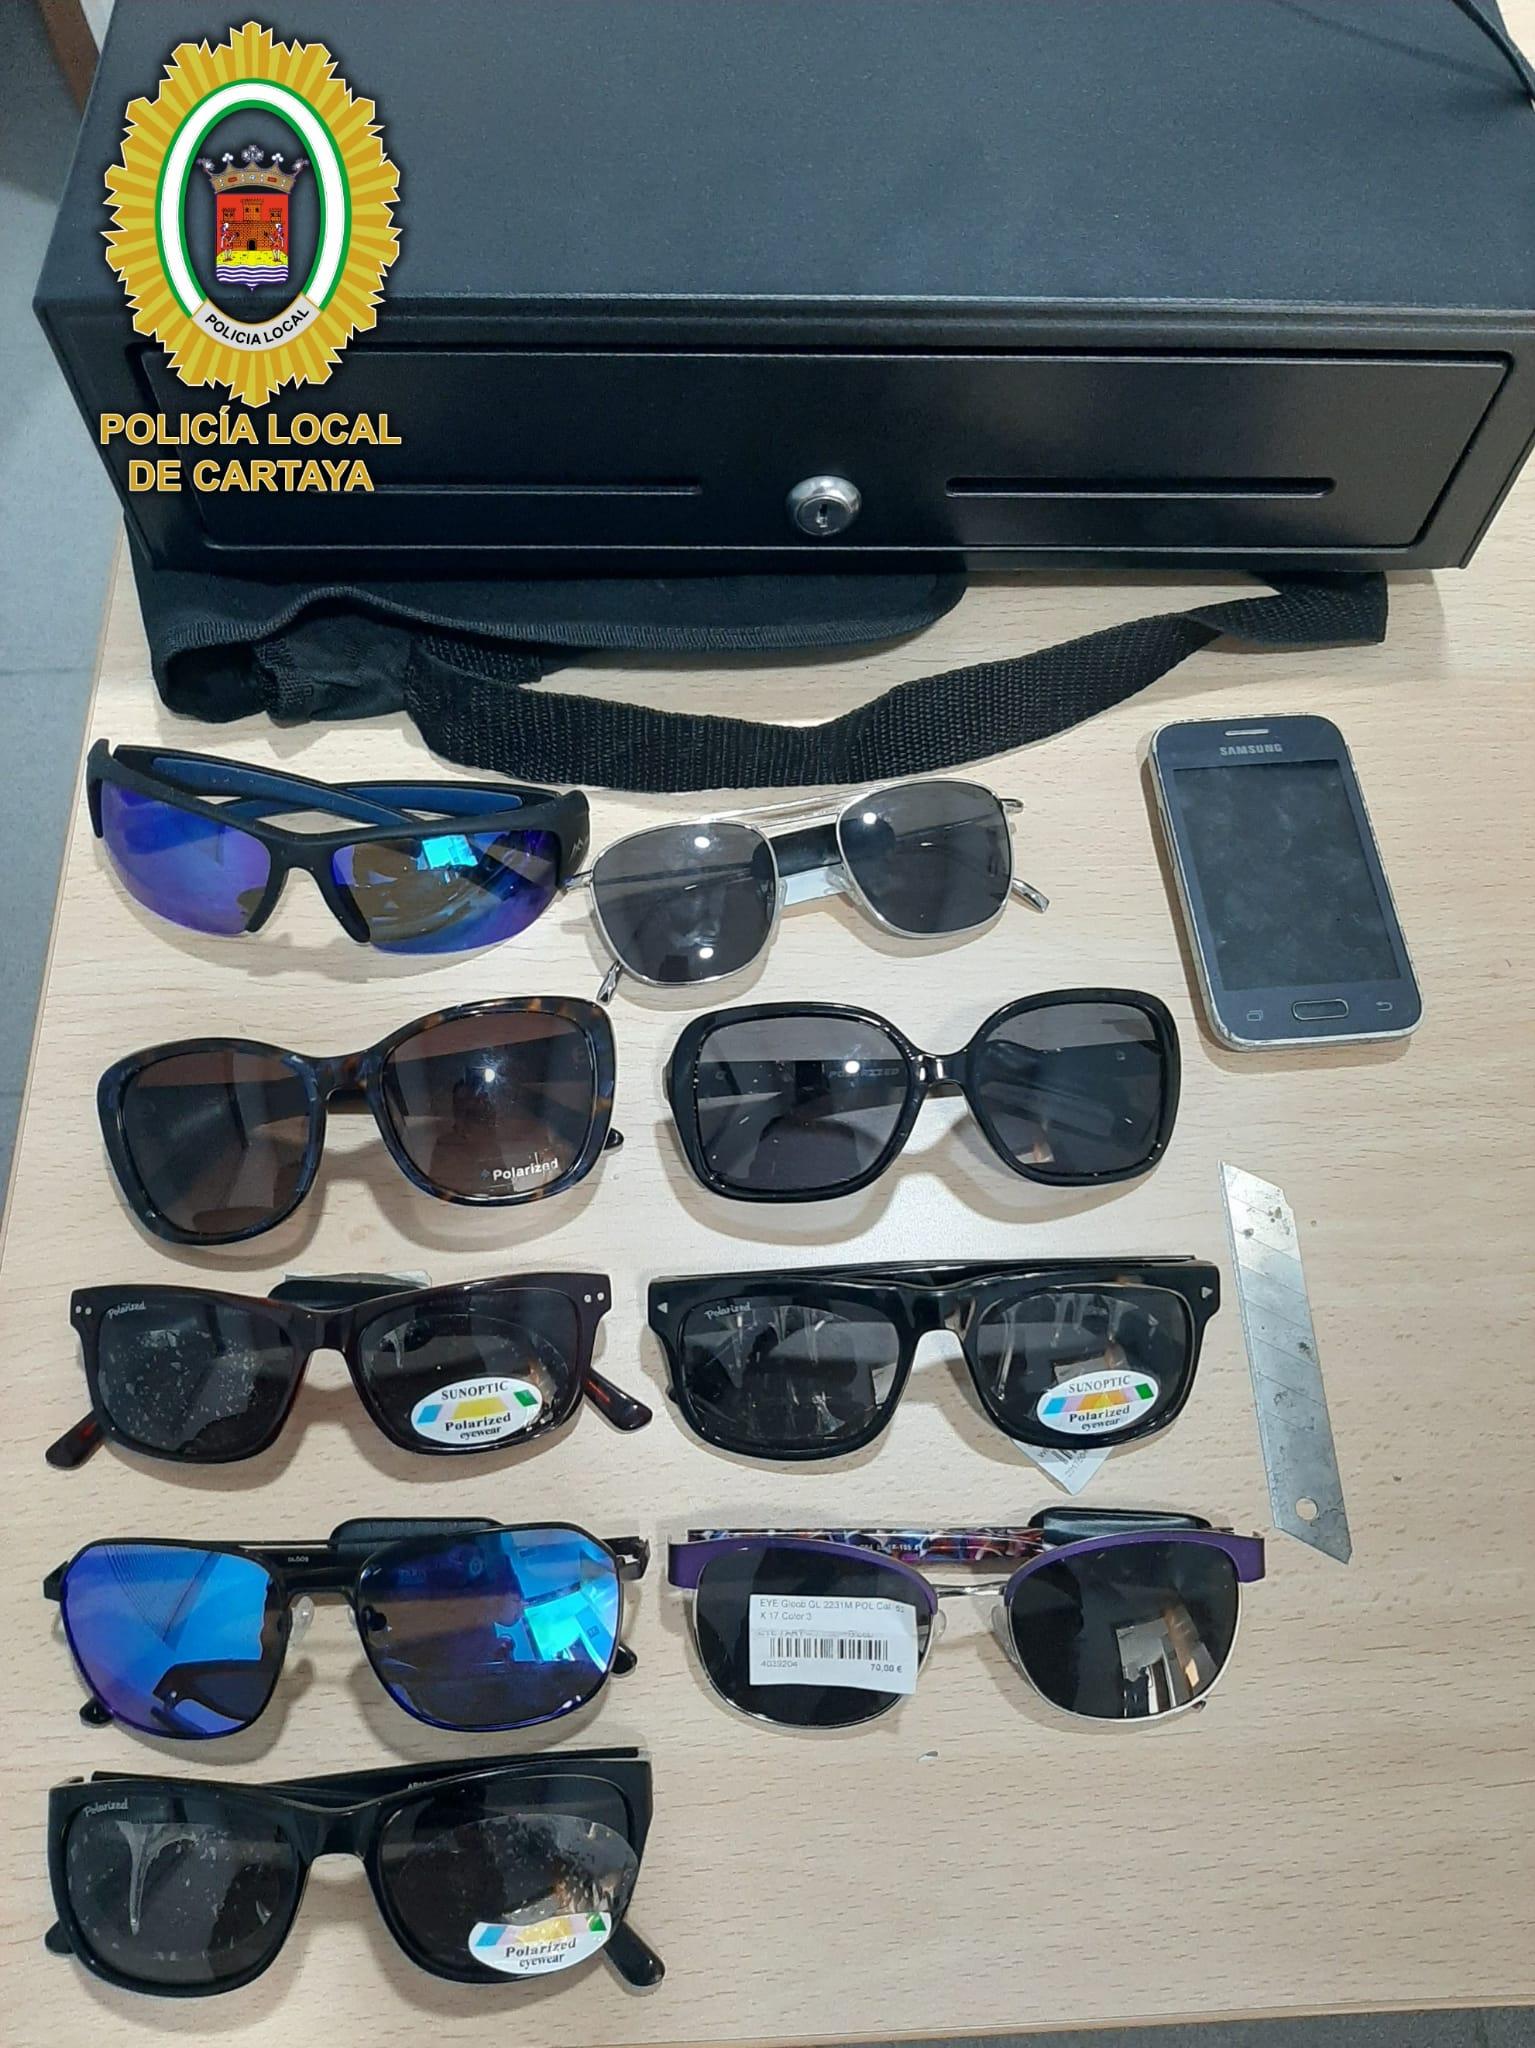 La Policía Local de Cartaya esclarece el robo de una óptica en cuatro horas.